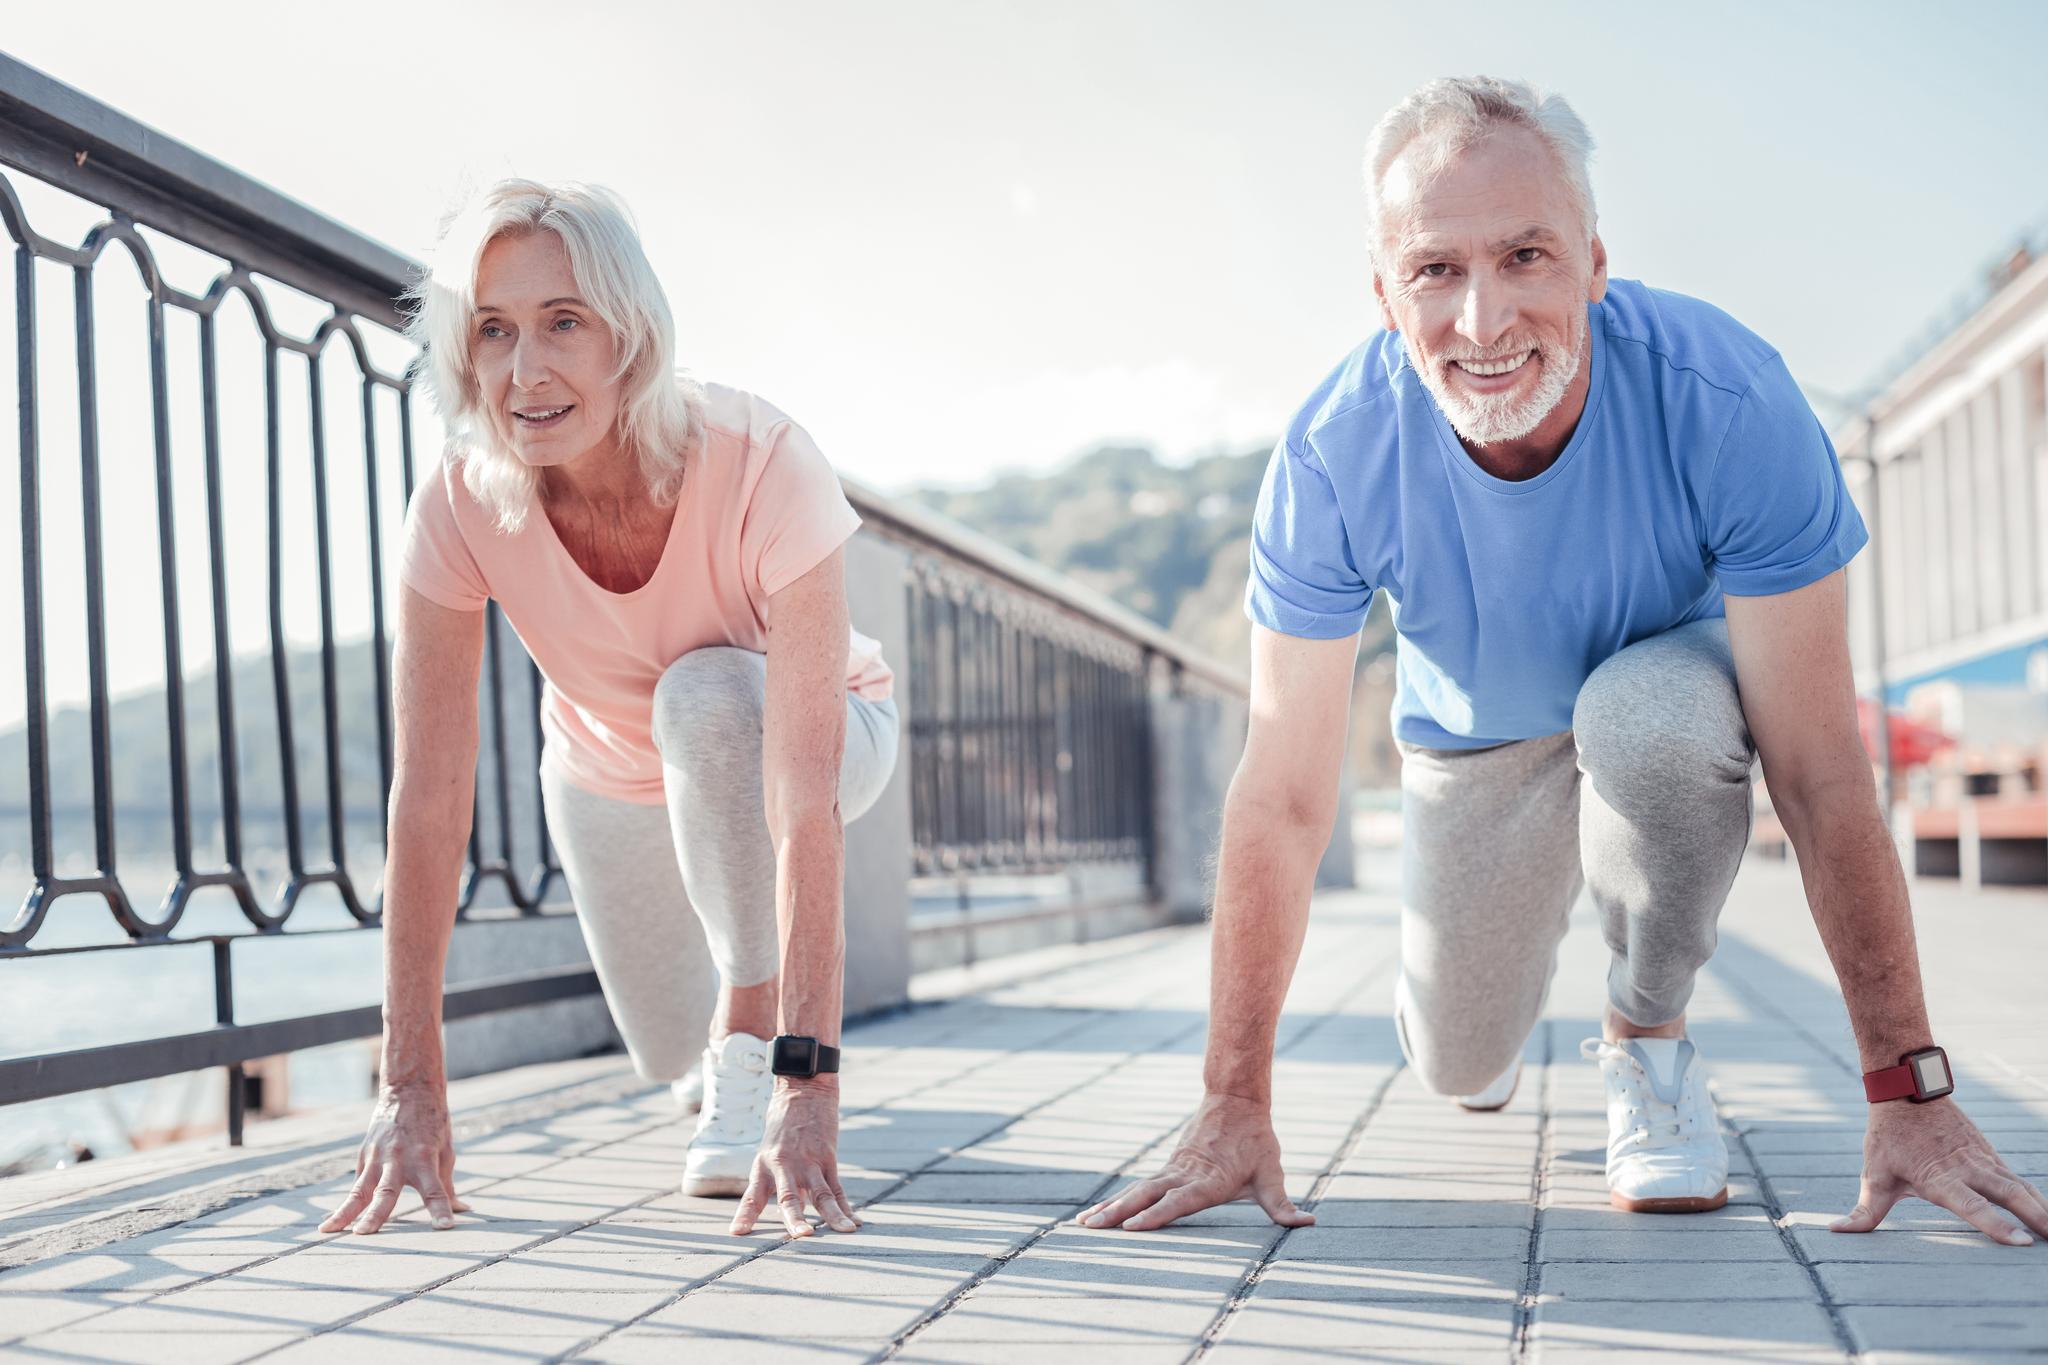 Seniorenpaar in Startposition für ein Wettrennen